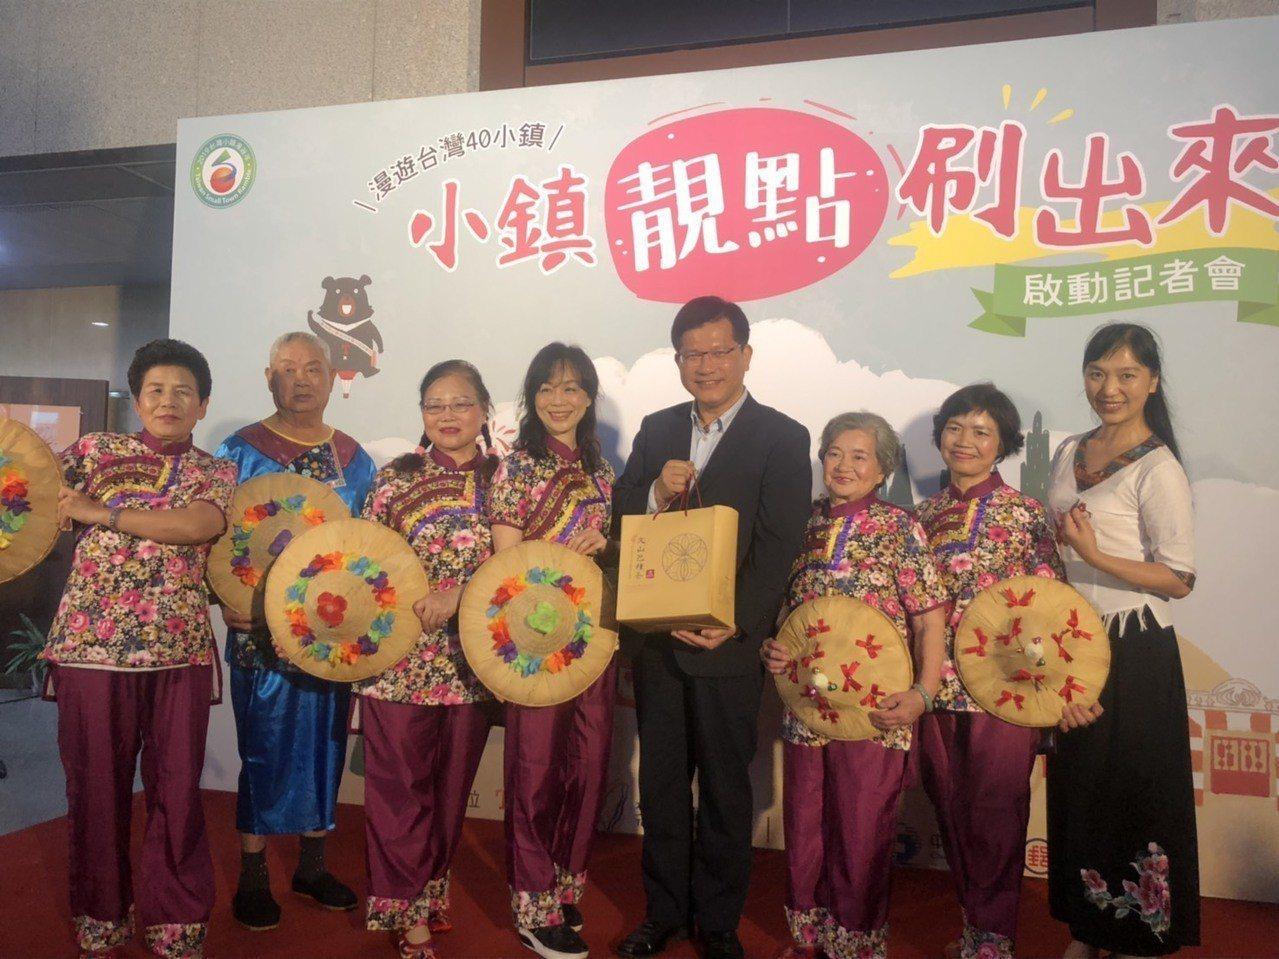 觀光局今天首度發表「台灣小鎮靚點漫遊護照」及啟動「十萬青年獎百萬-創意遊程競賽」...